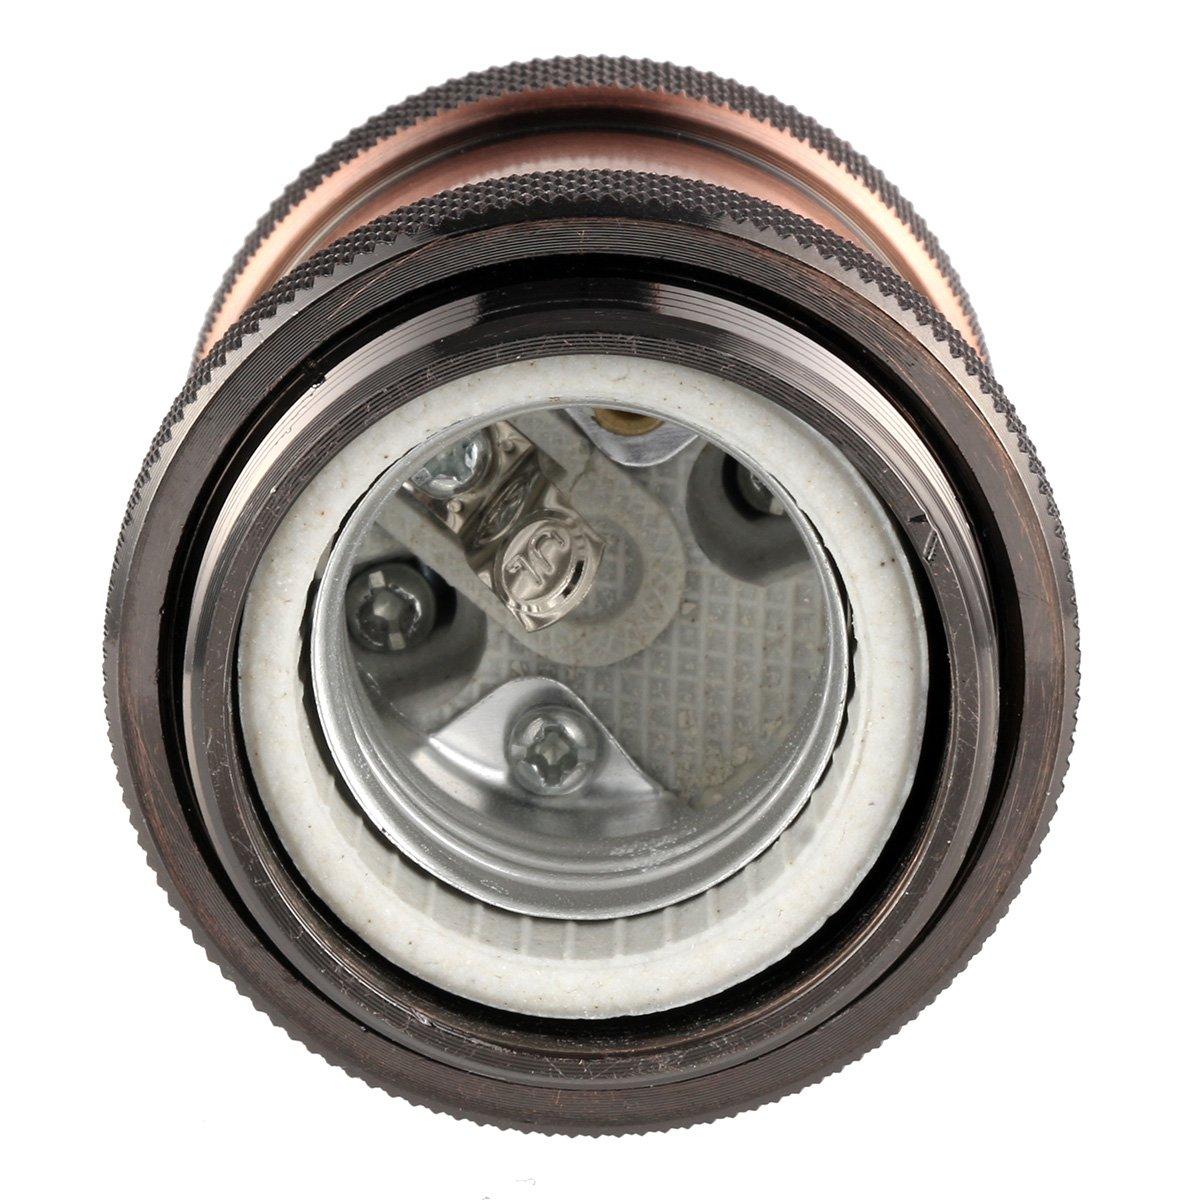 GreenSun Vintage Edison Style E27 Light Bulb Holder Retro Lamp Socket Pendant Light Adaptor for Ceiling Hanging Light 4Pack #2